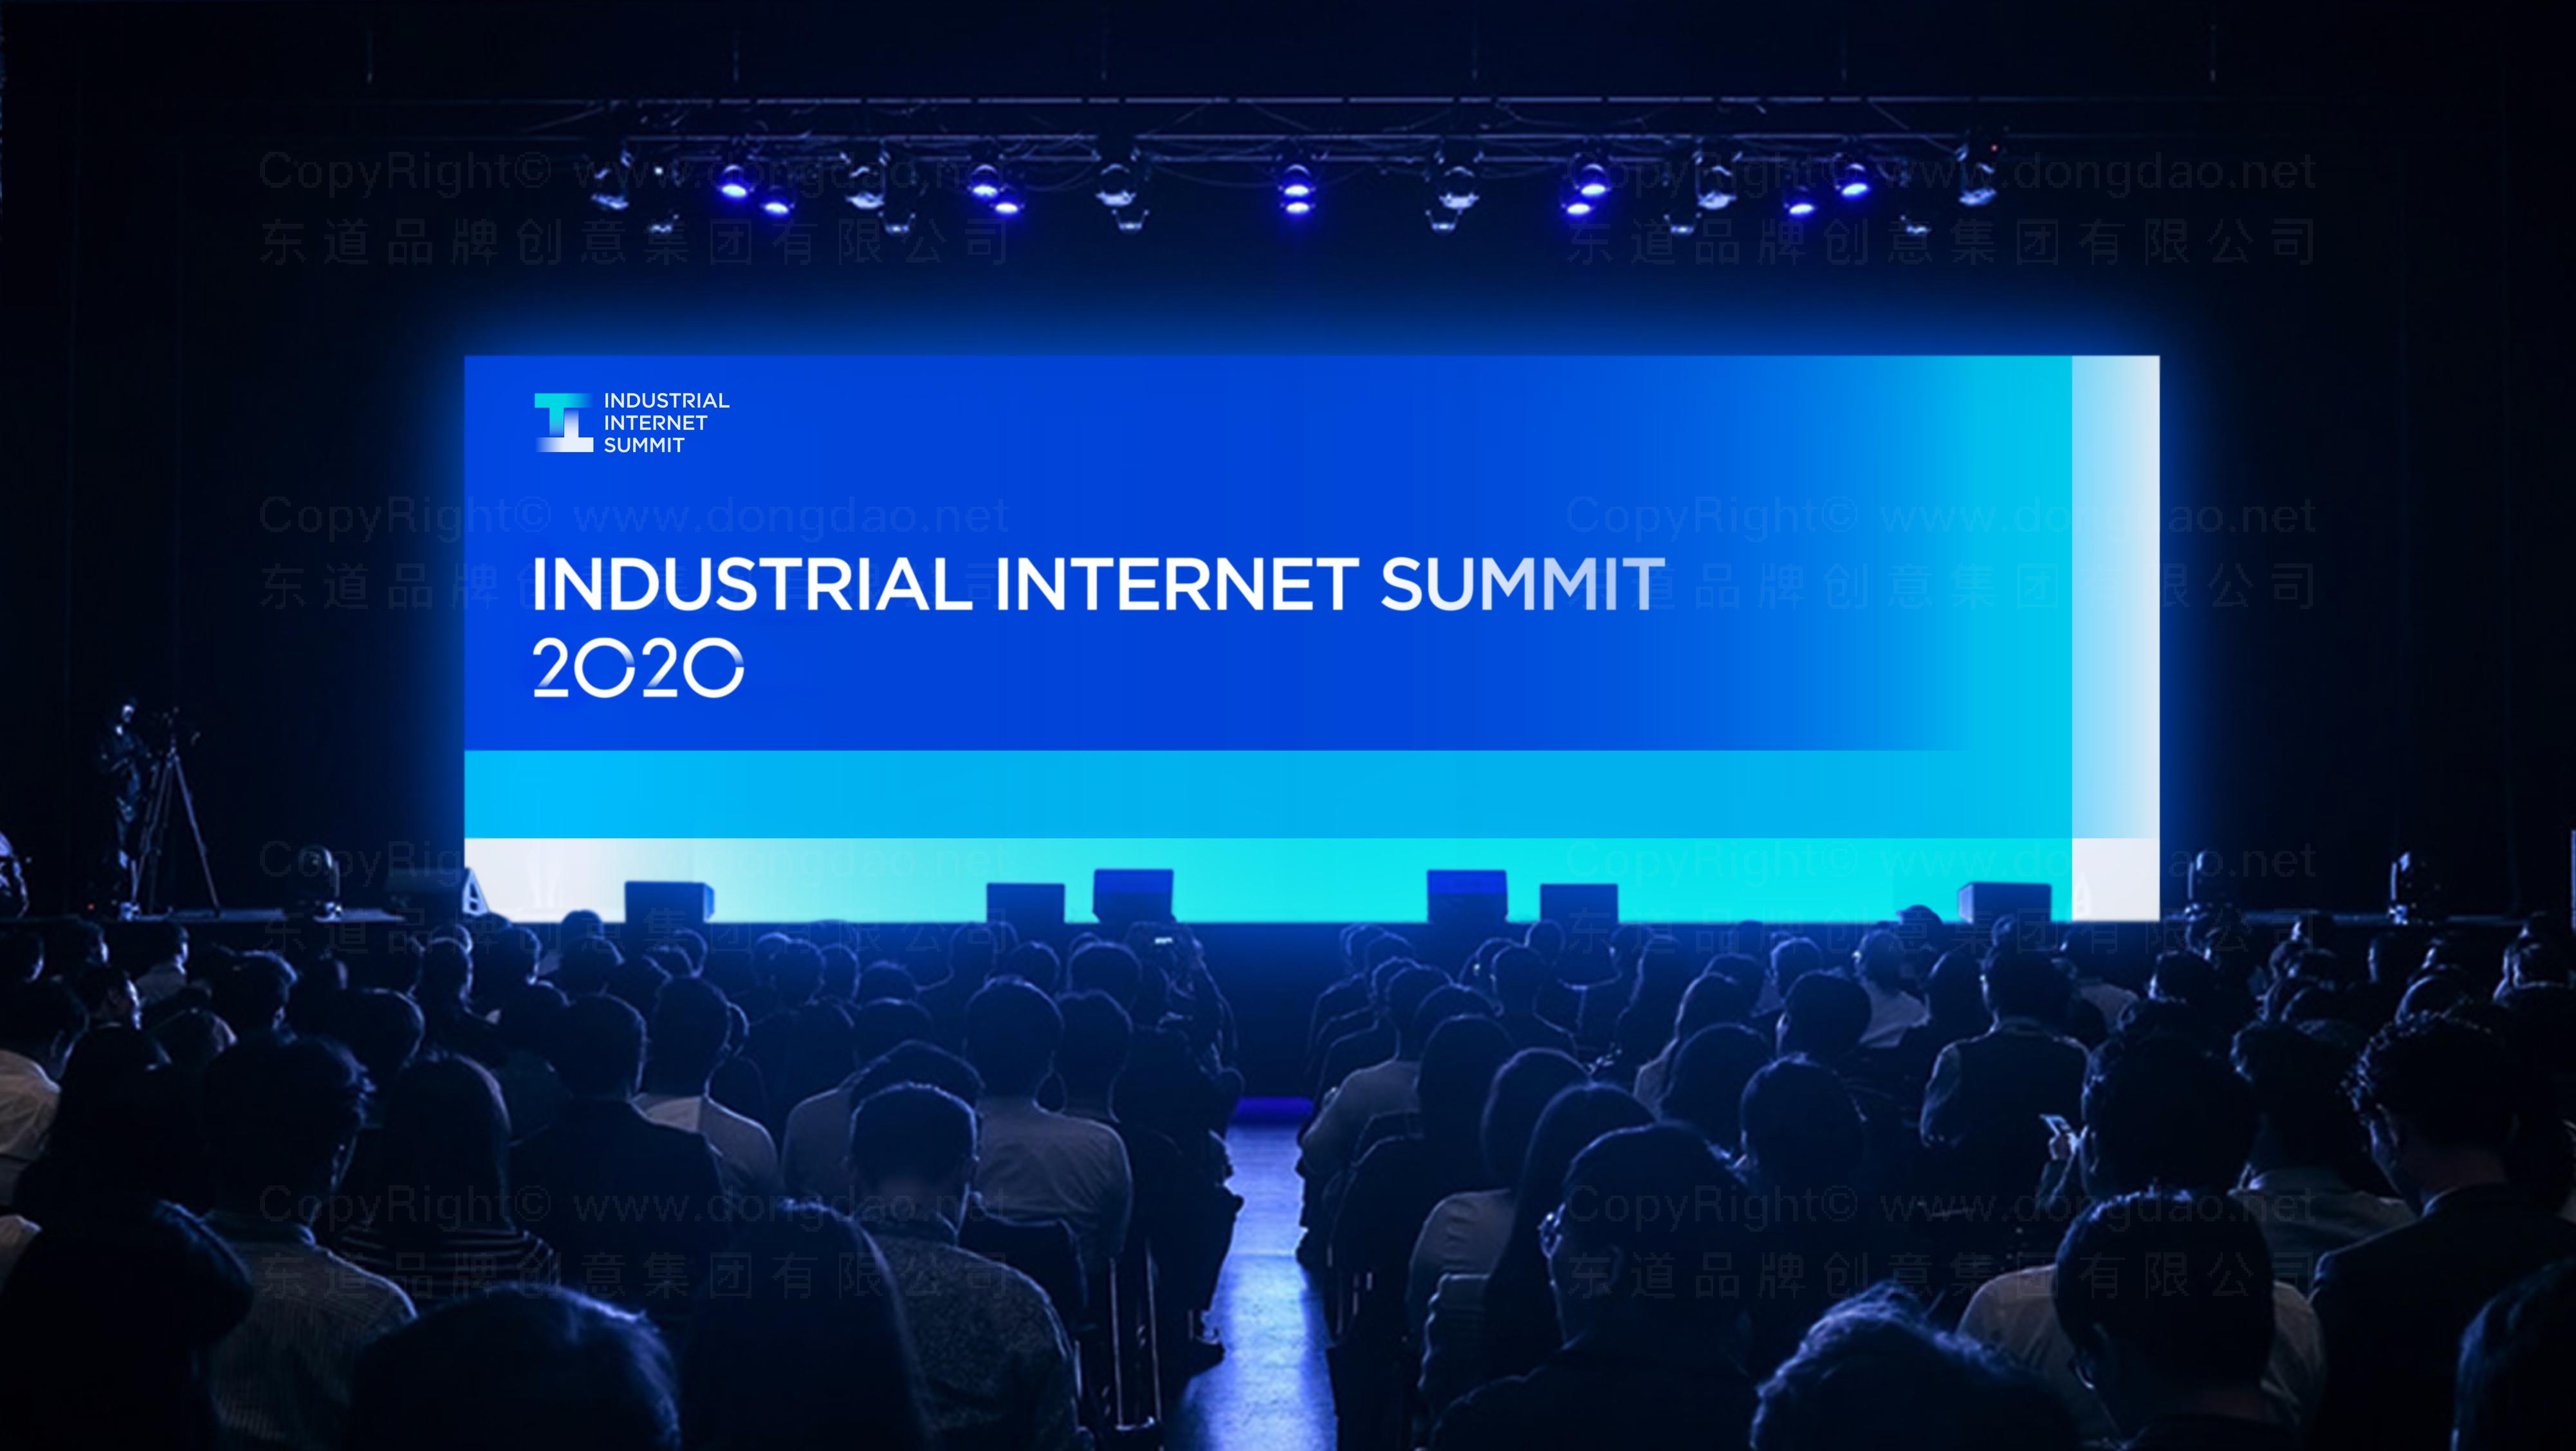 品牌设计工业互联网峰会LOGO设计应用场景_1